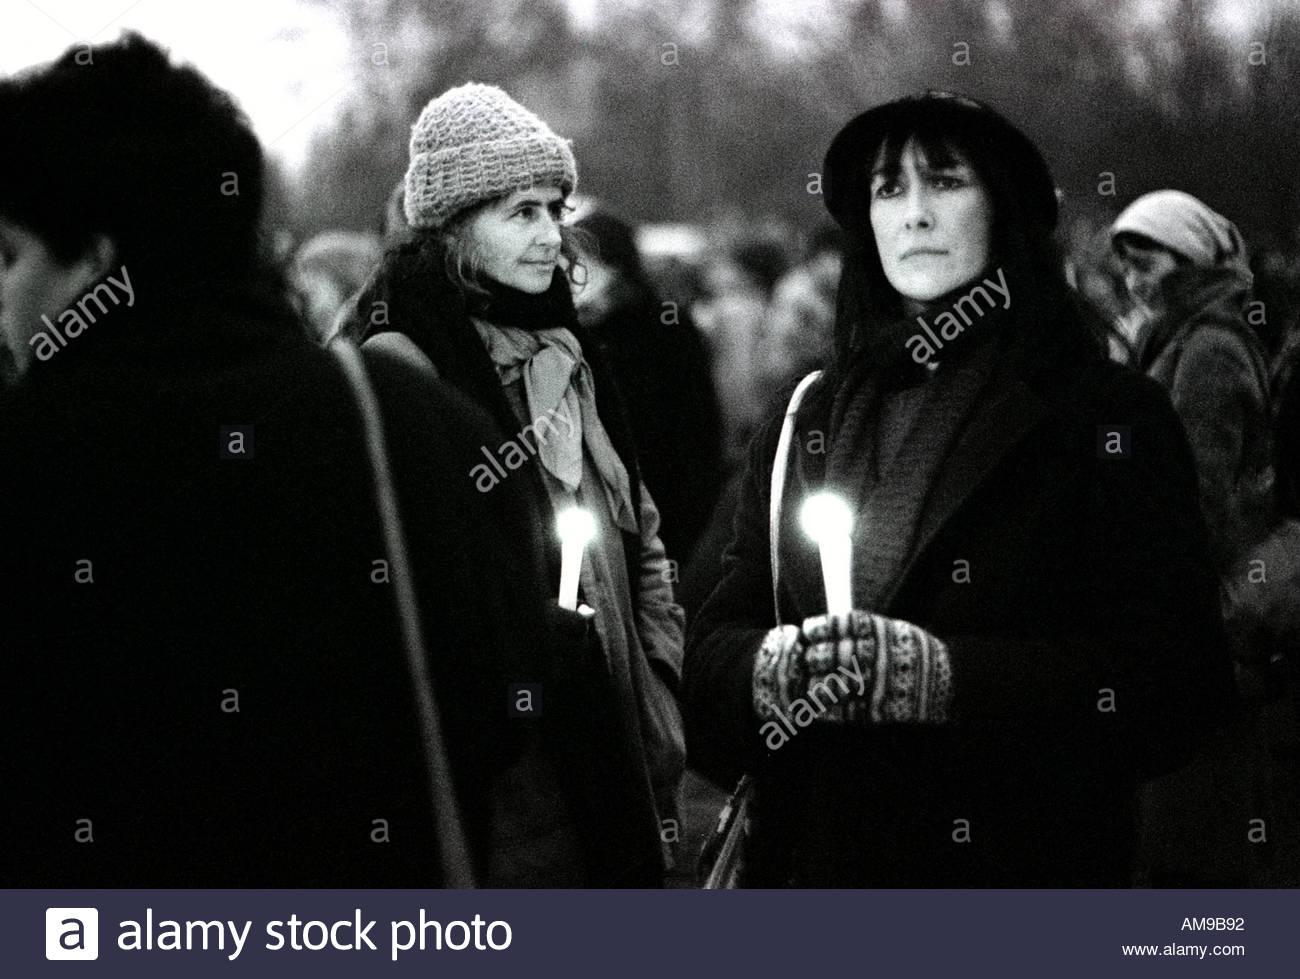 Manifestation aux chandelles à Greenham Common base aérienne américaine dans le Berkshire 1984. Banque D'Images